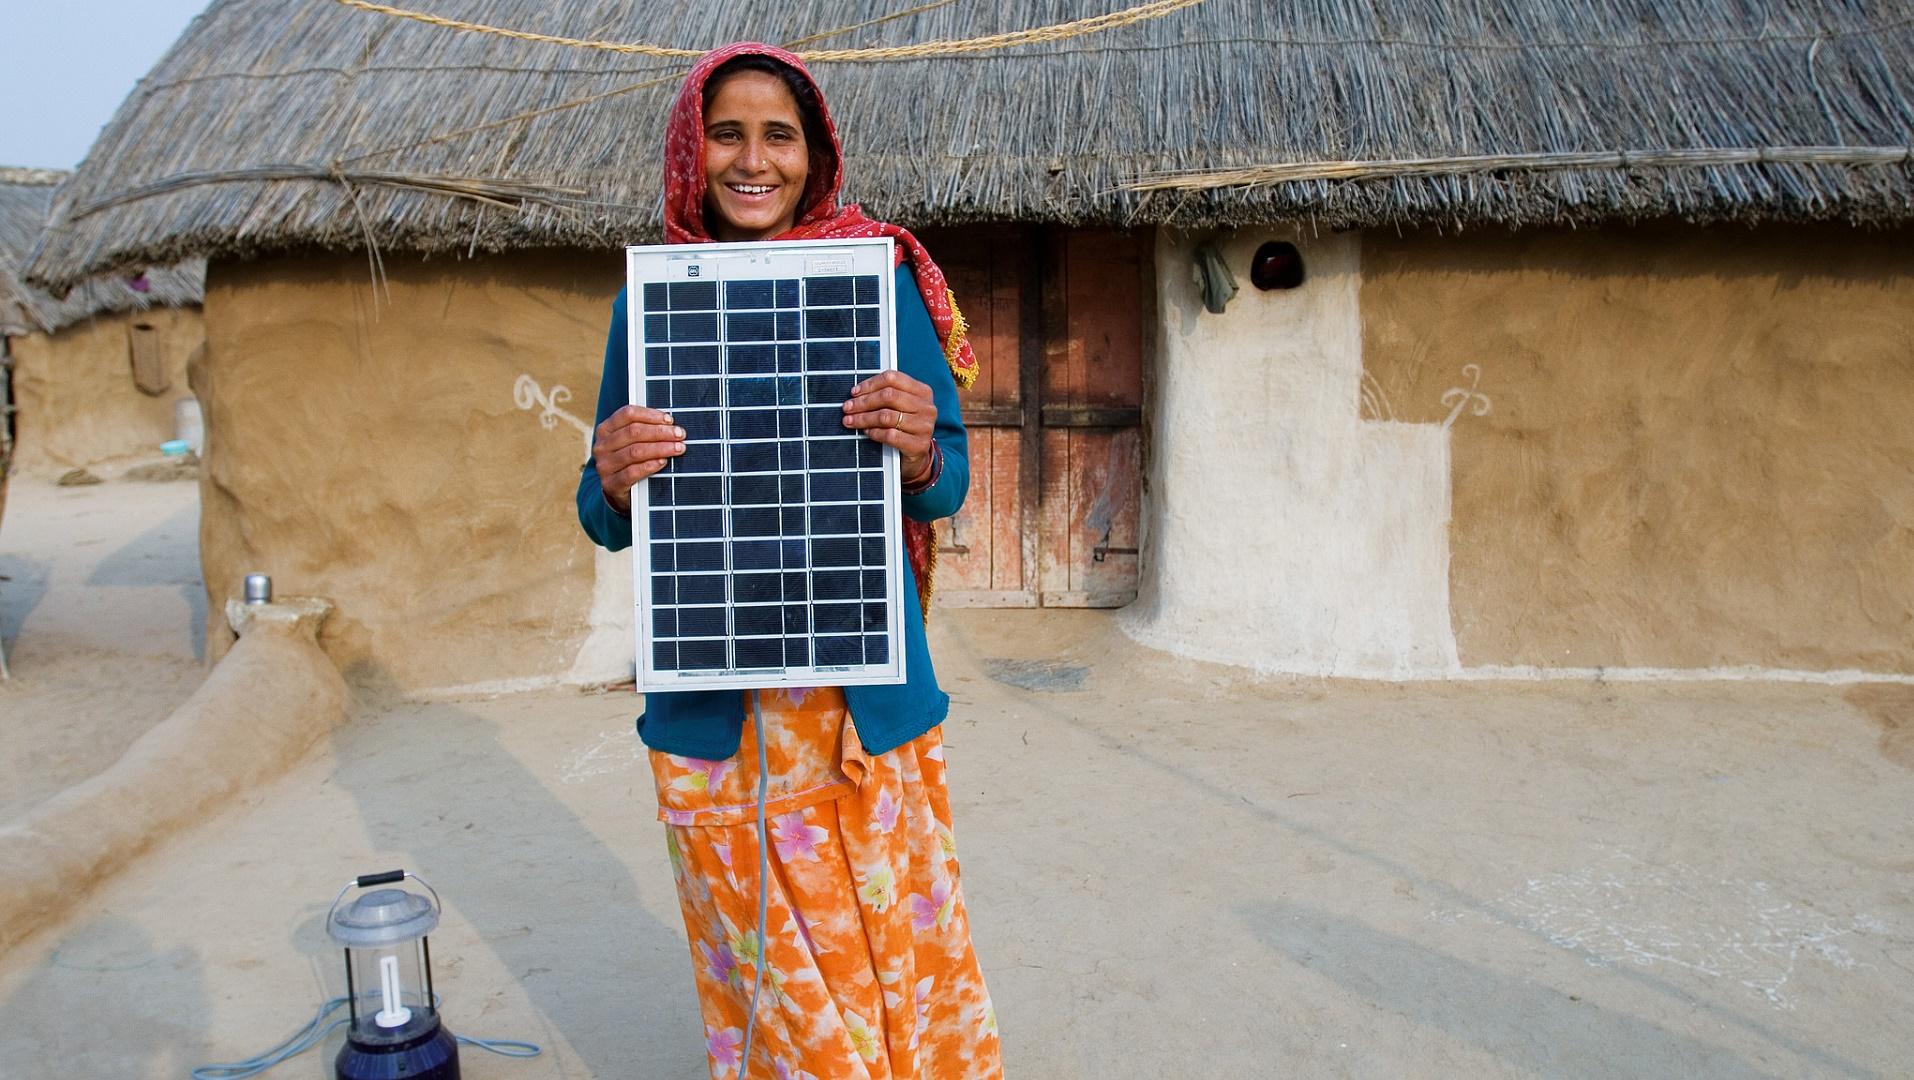 El dilema energético de India